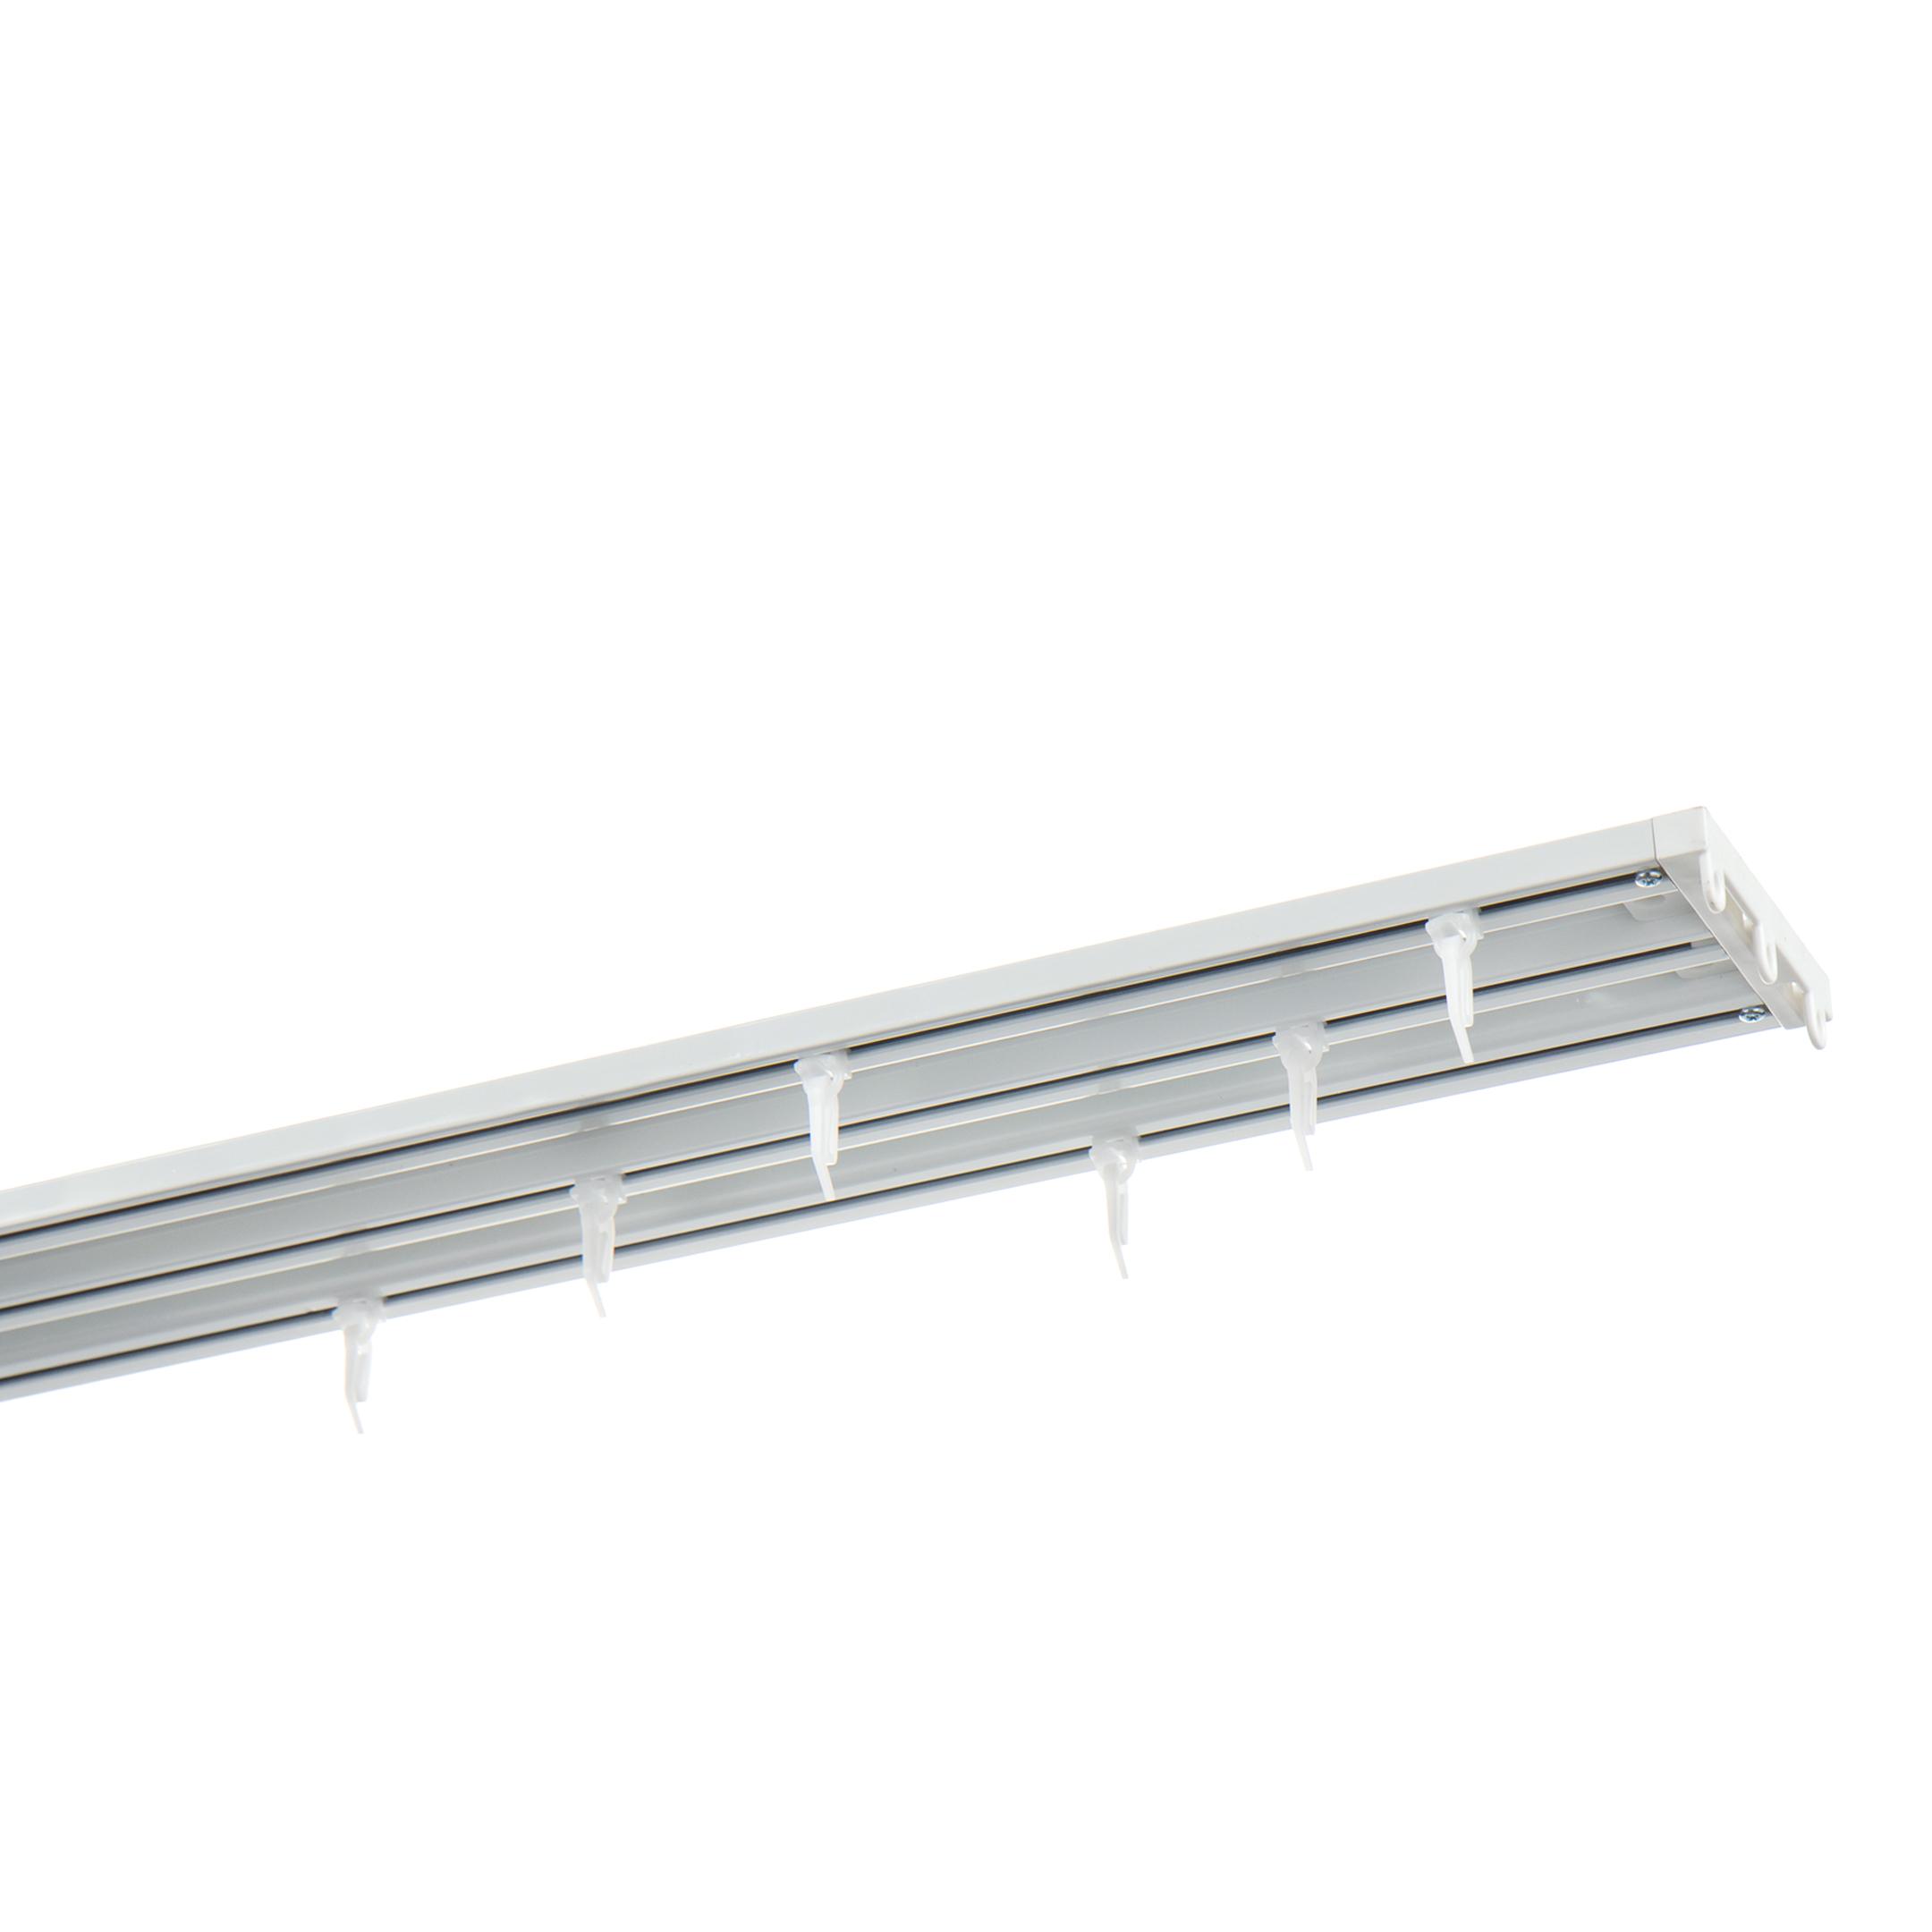 Фото - Карниз потолочный алюминиевый трехрядный 200 см белый бегунок производитель hans pries 300124755